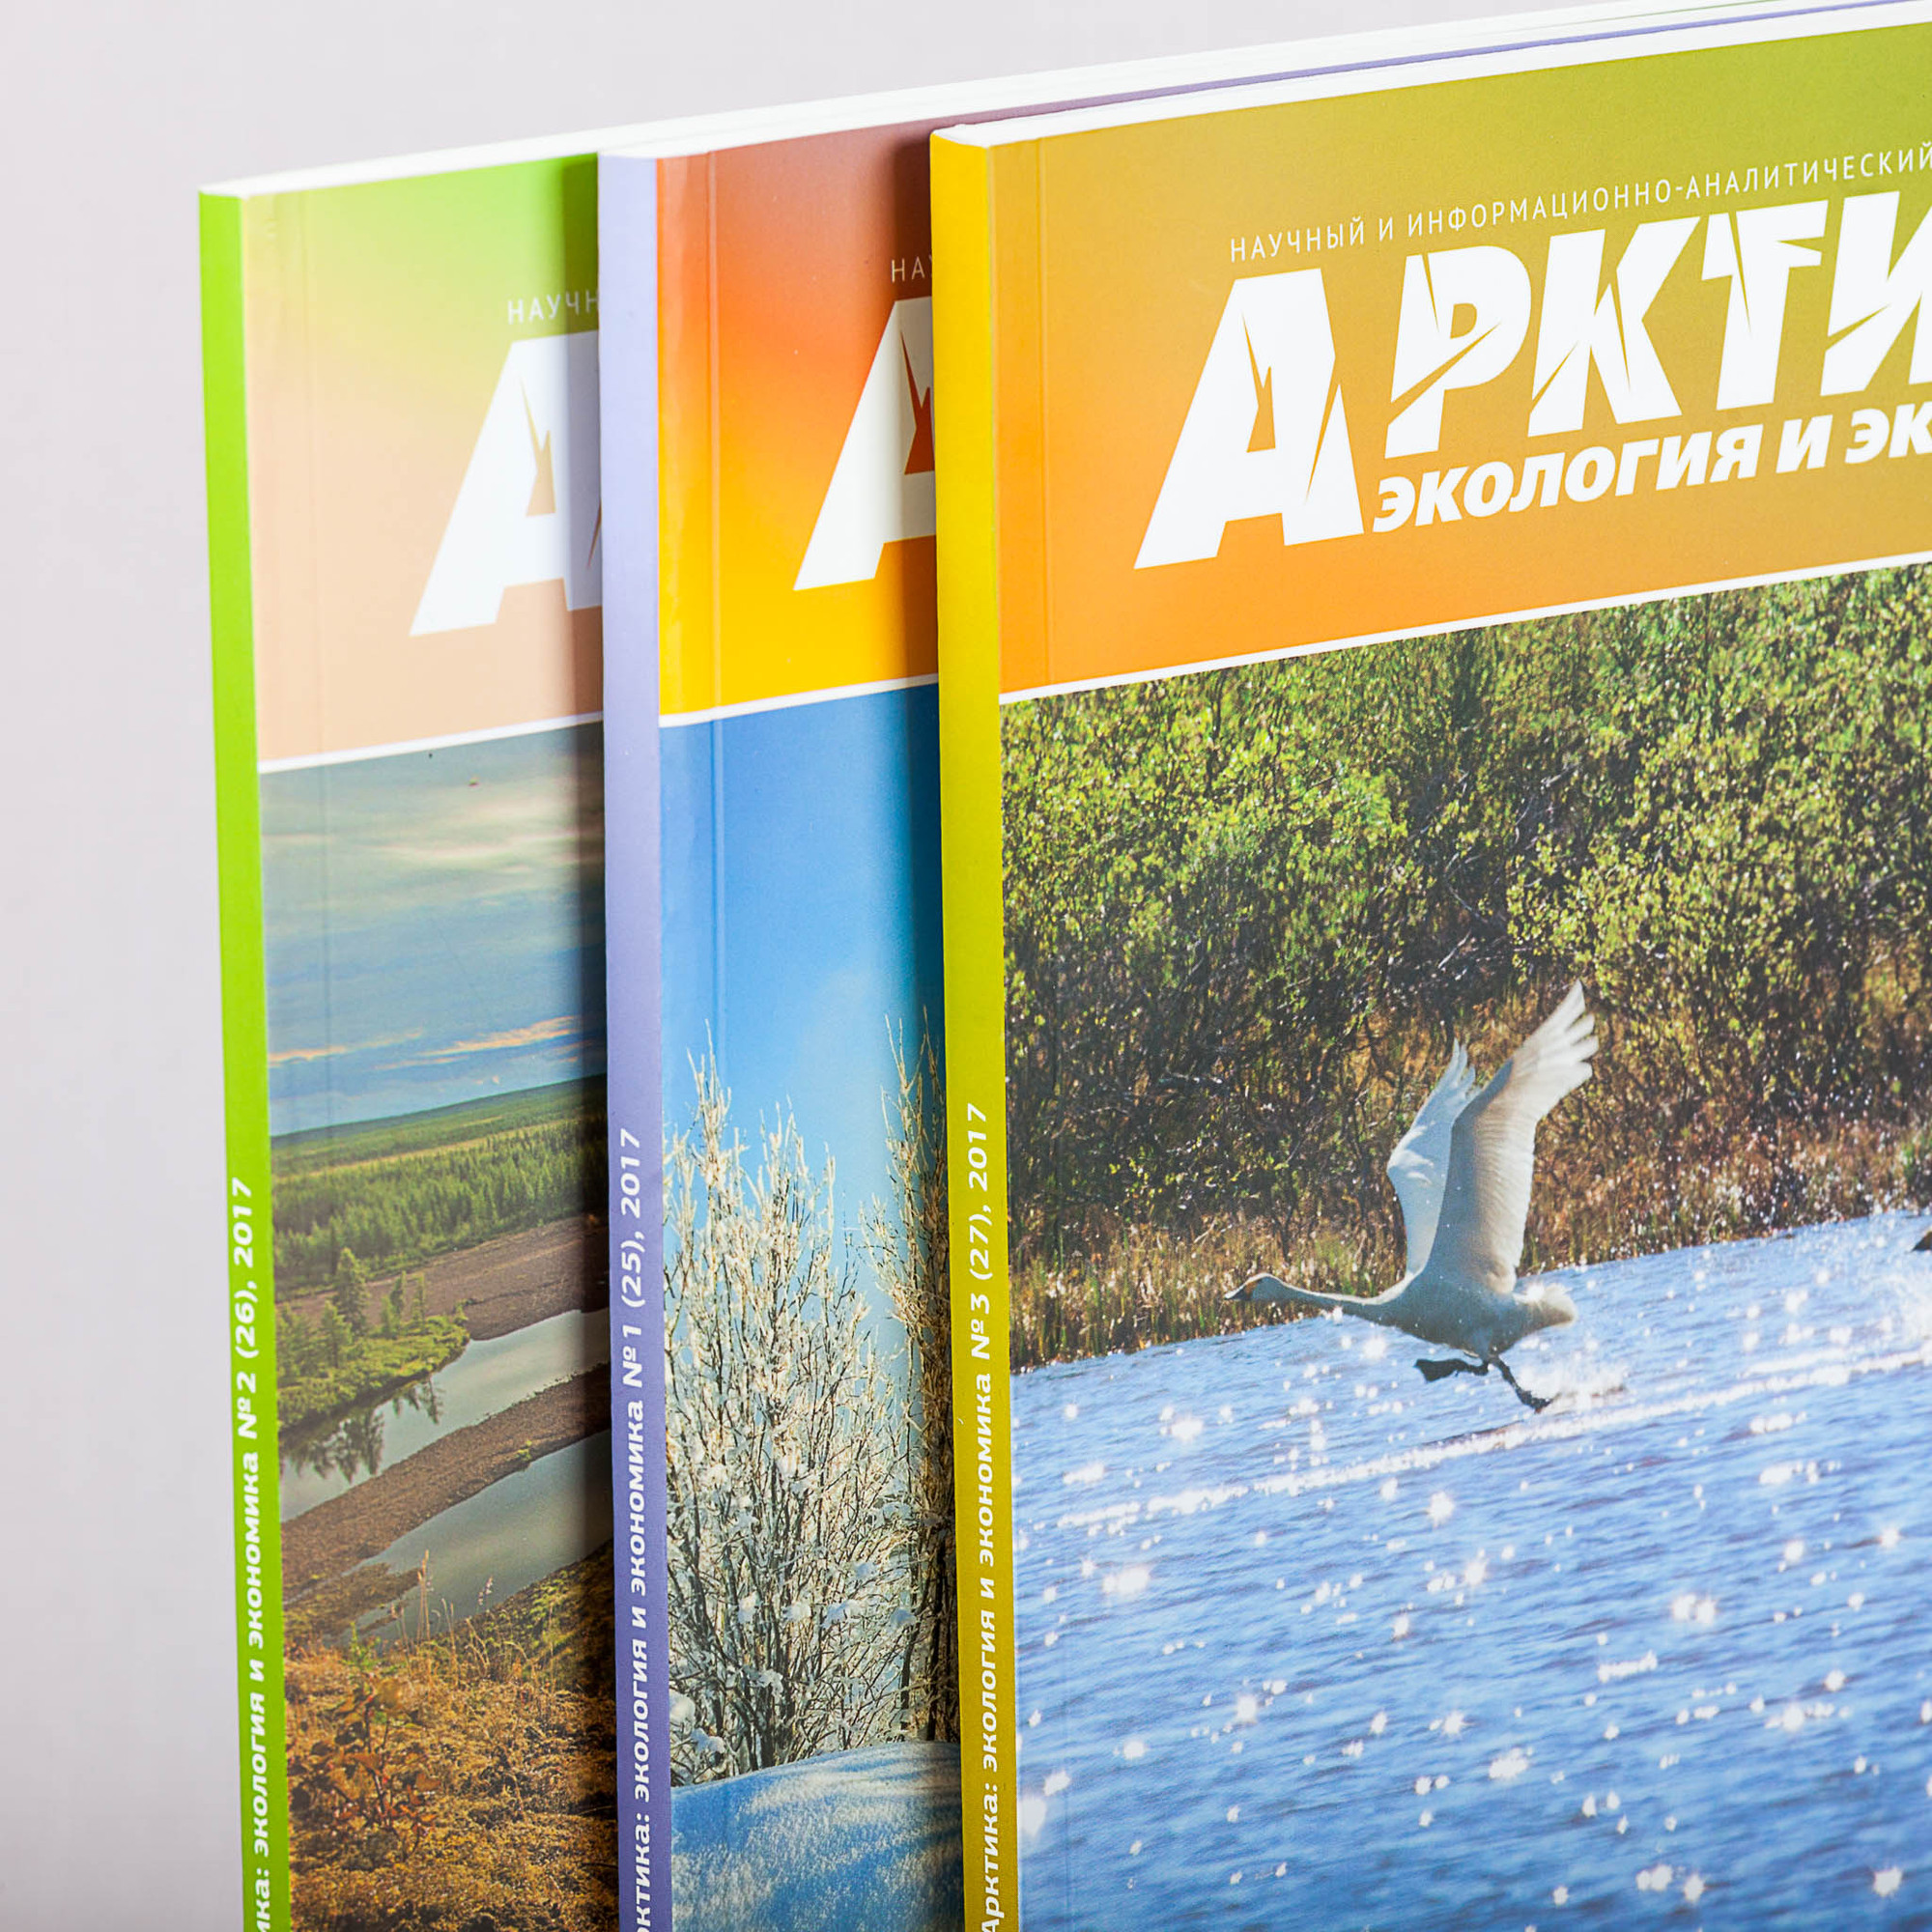 Переодическое издание Арктика